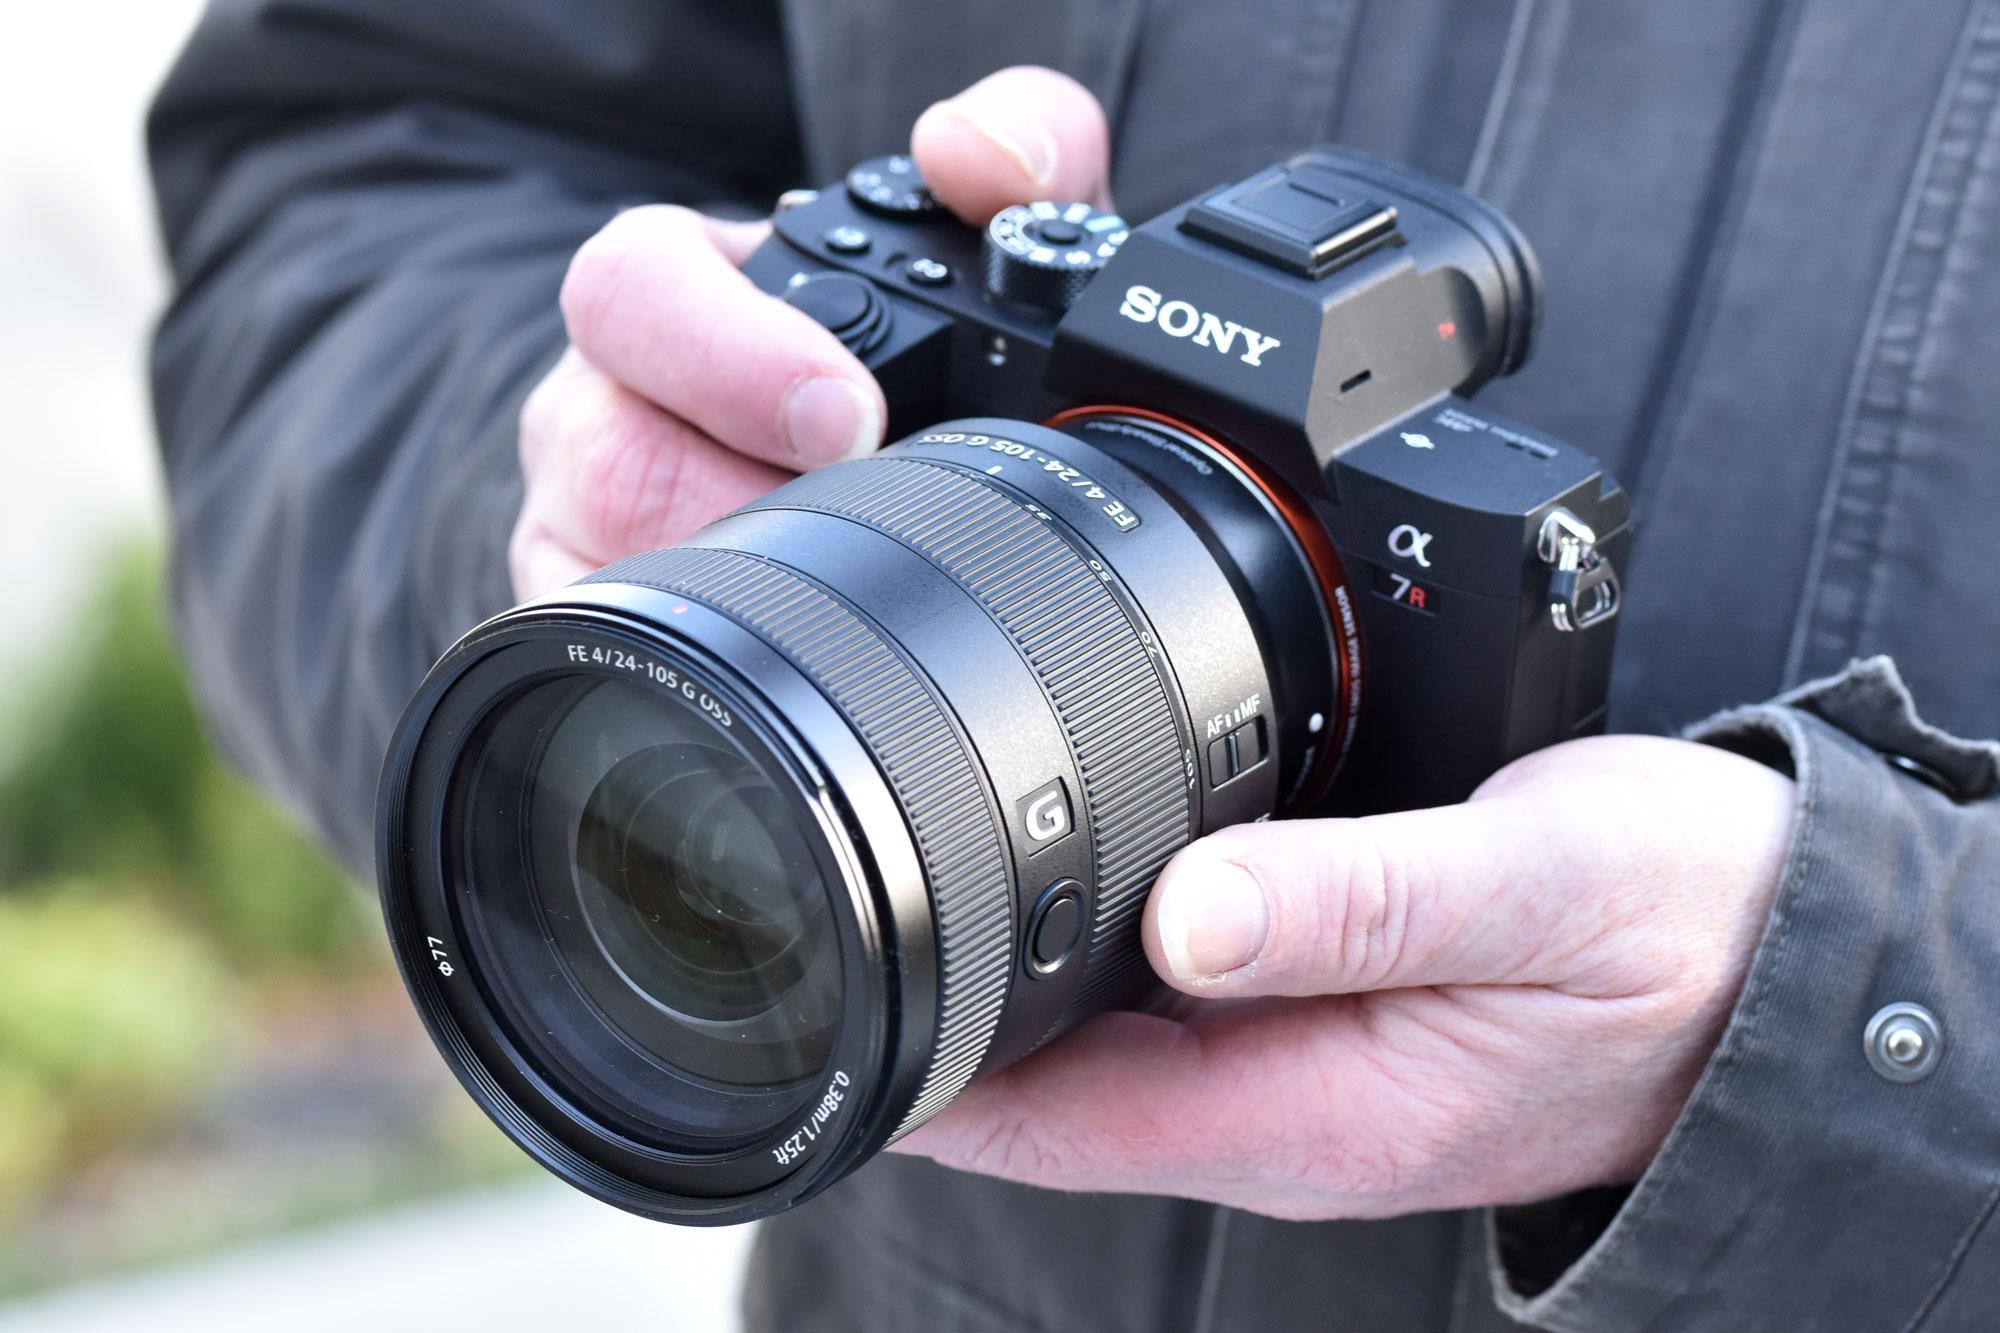 Sony FE 24-105mm f/4 G OSS - Amateur Photographer